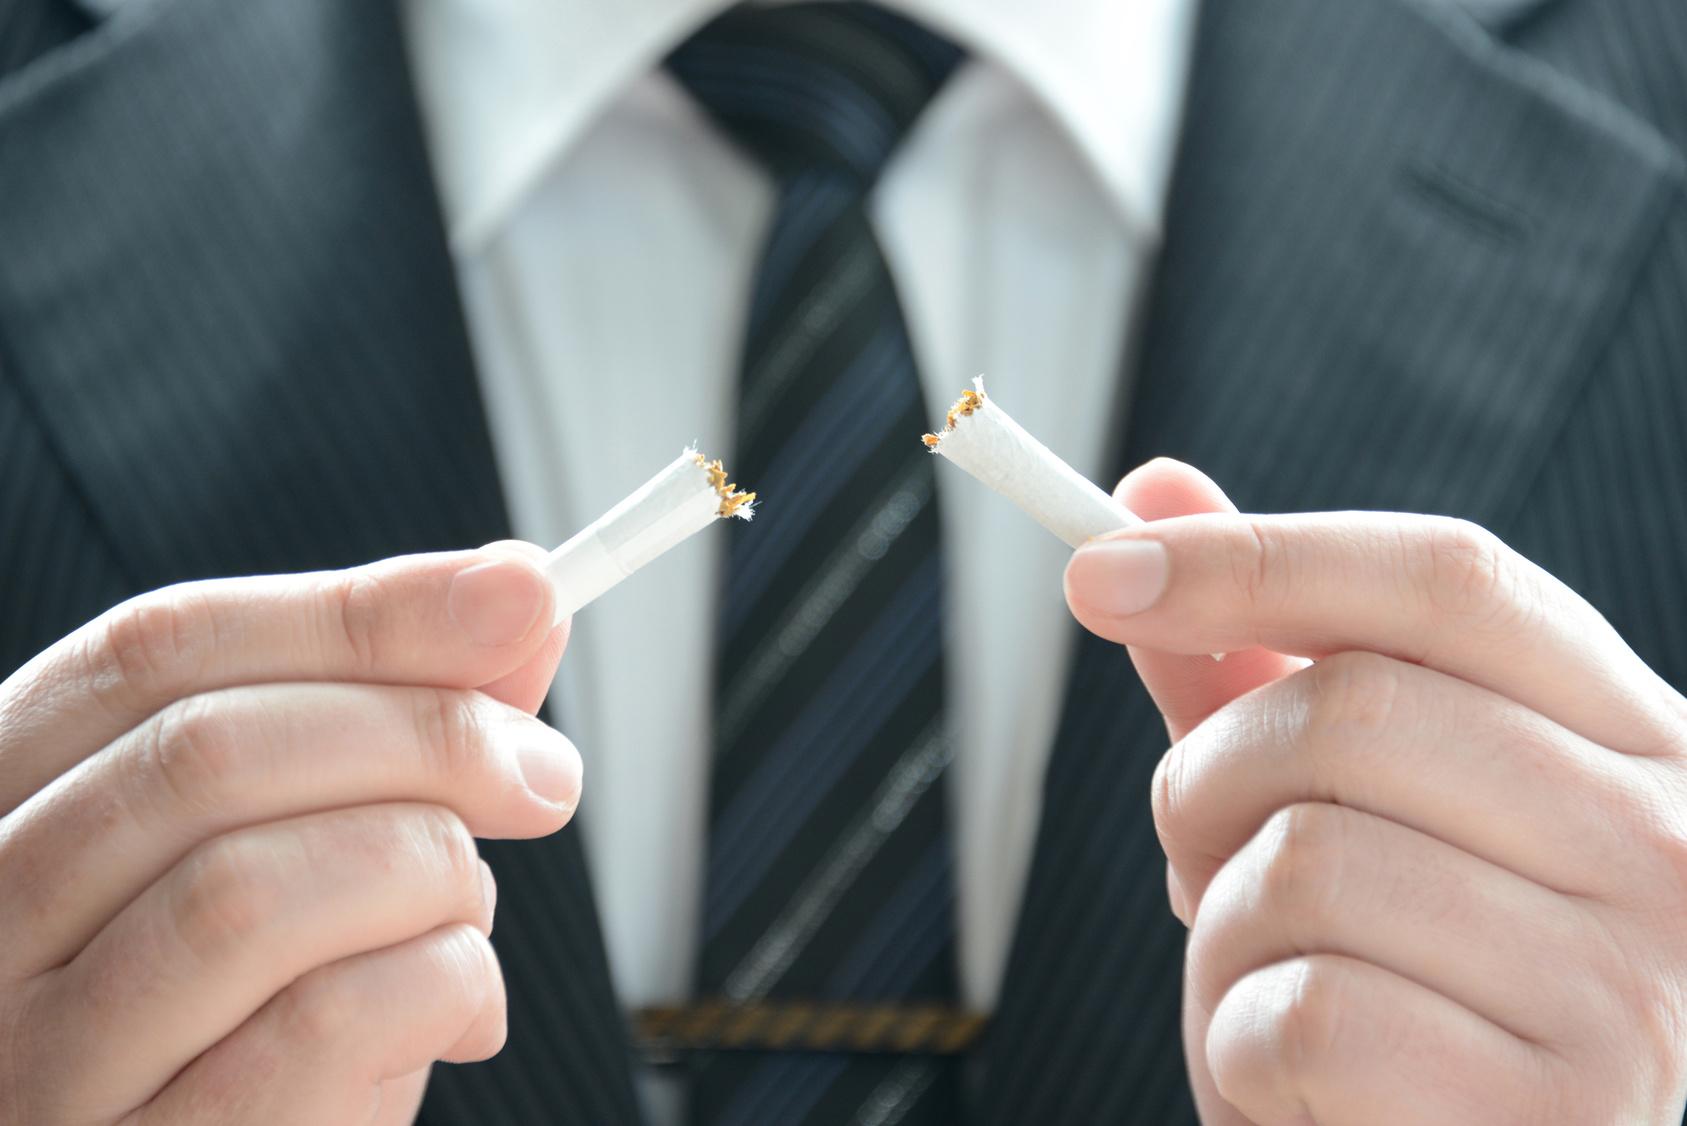 あなたの1日の喫煙本数×喫煙年数はいくつ?肺がんのリスクを知っておこう